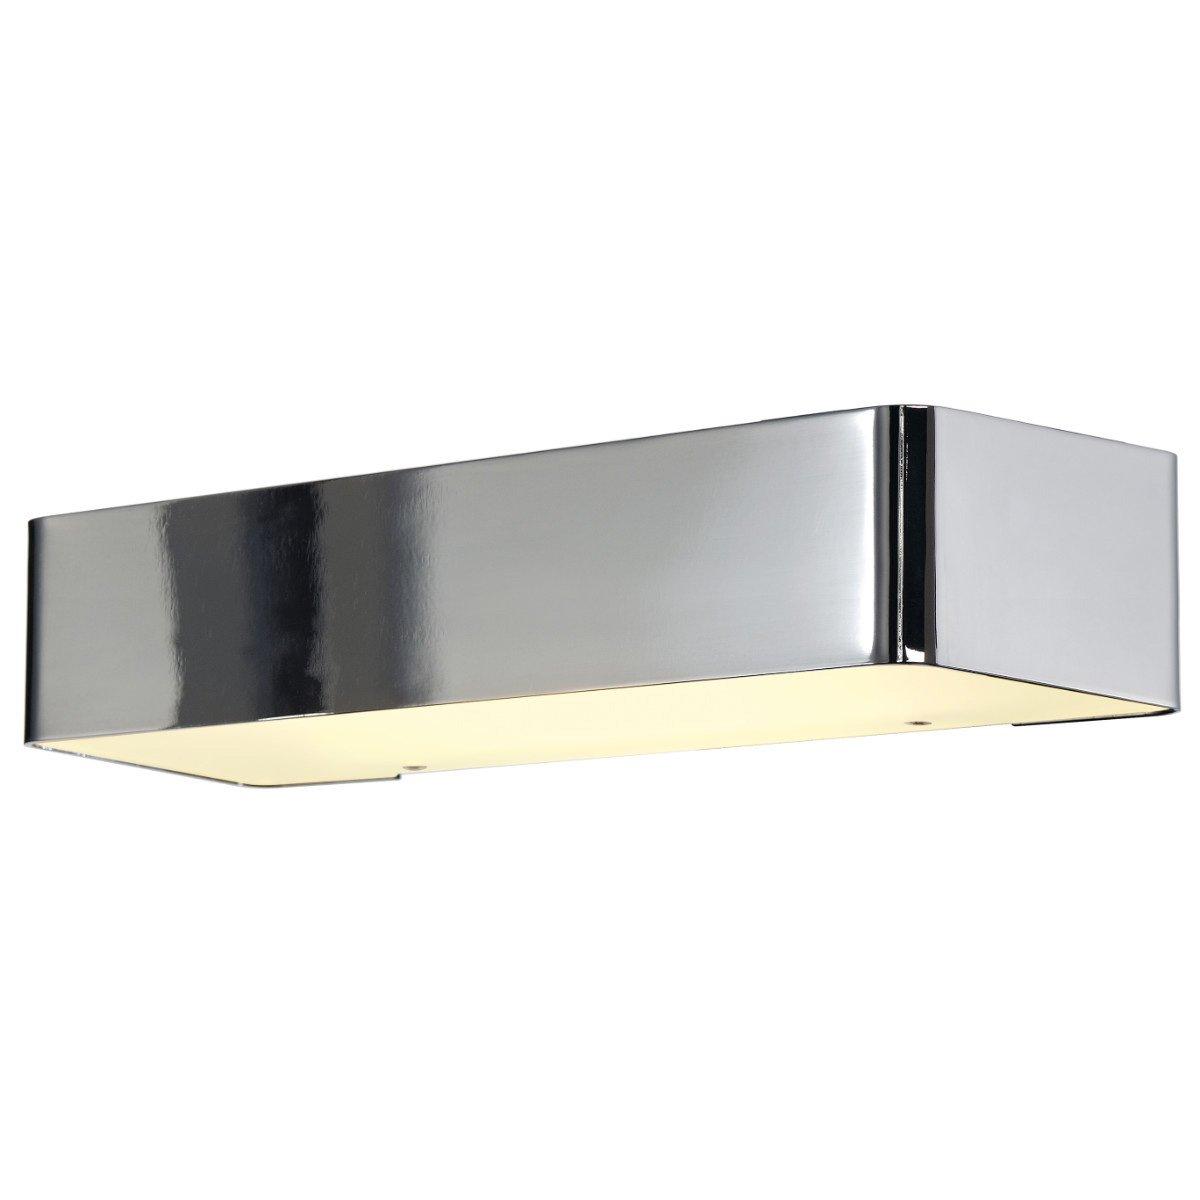 SLV - verlichting Wandlamp WL149 SLV. 149512